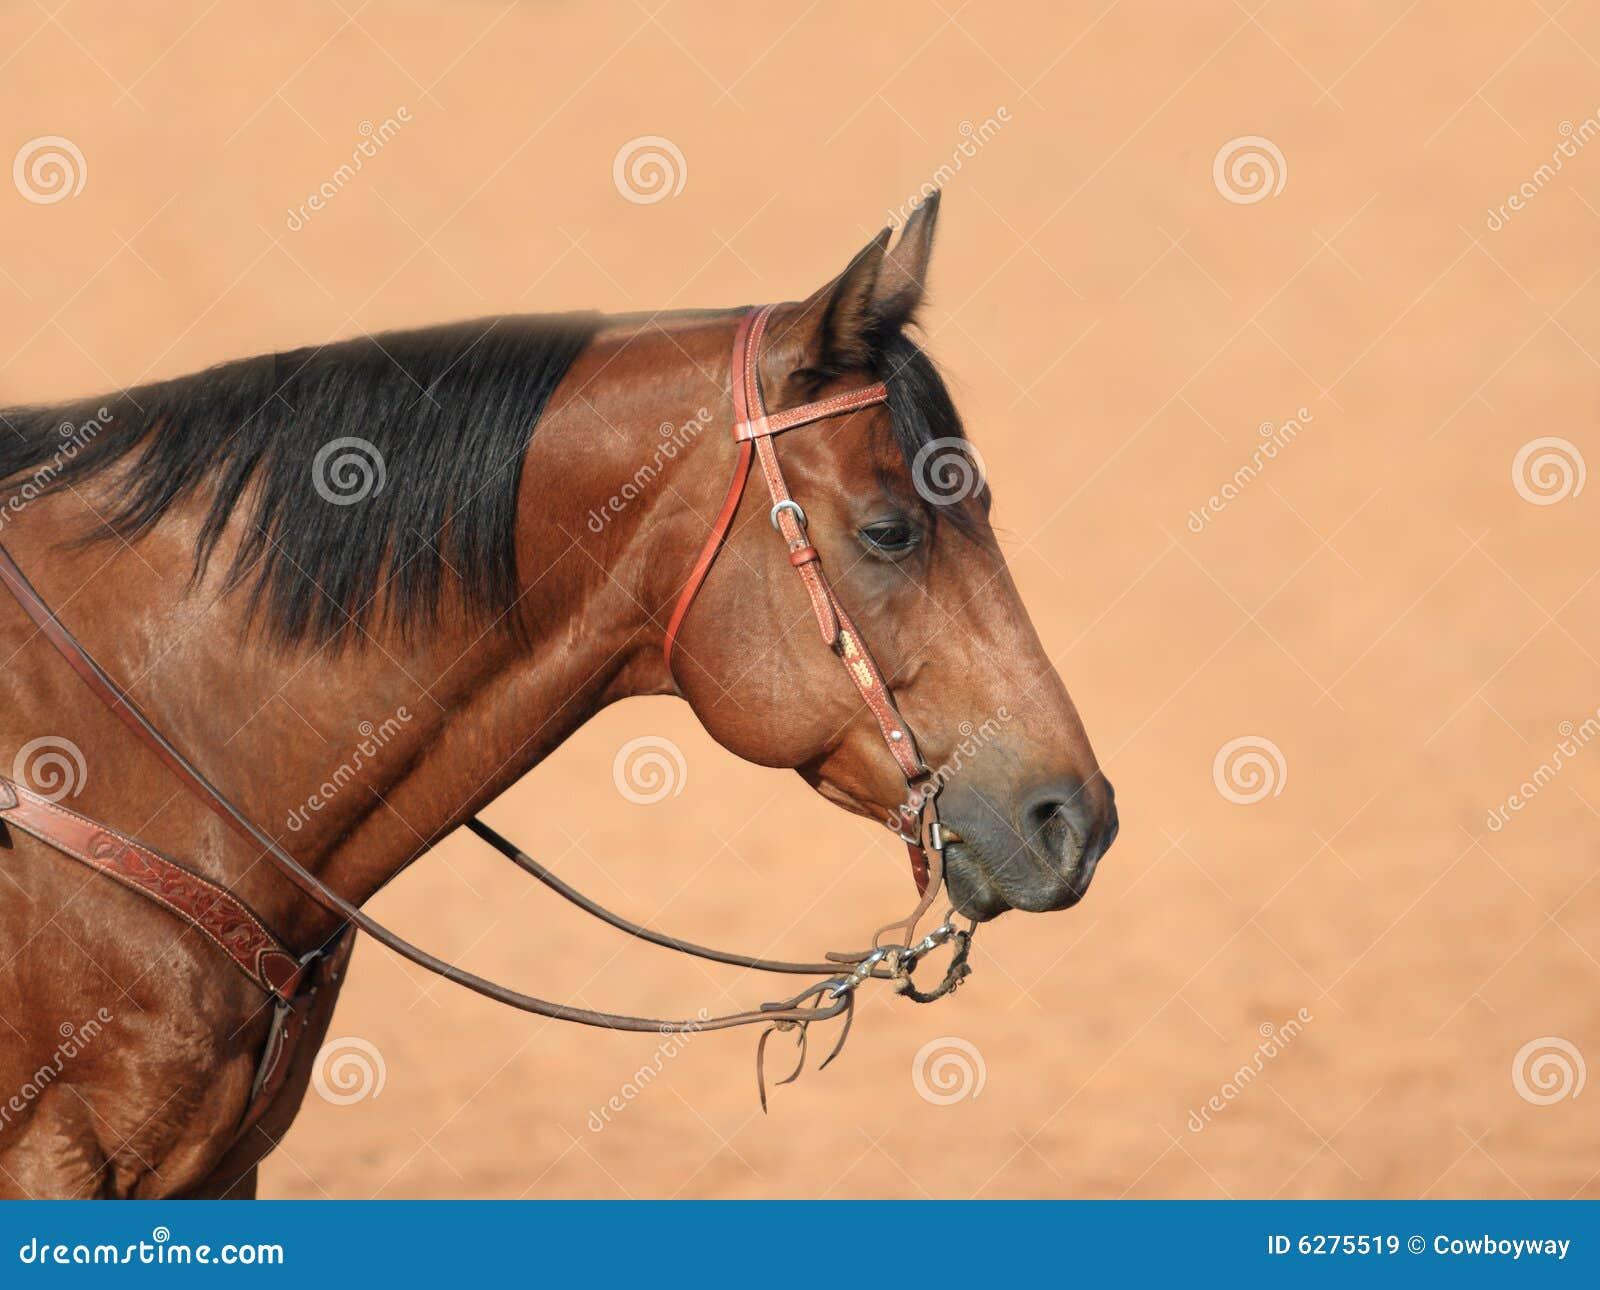 Quarter Horse C...